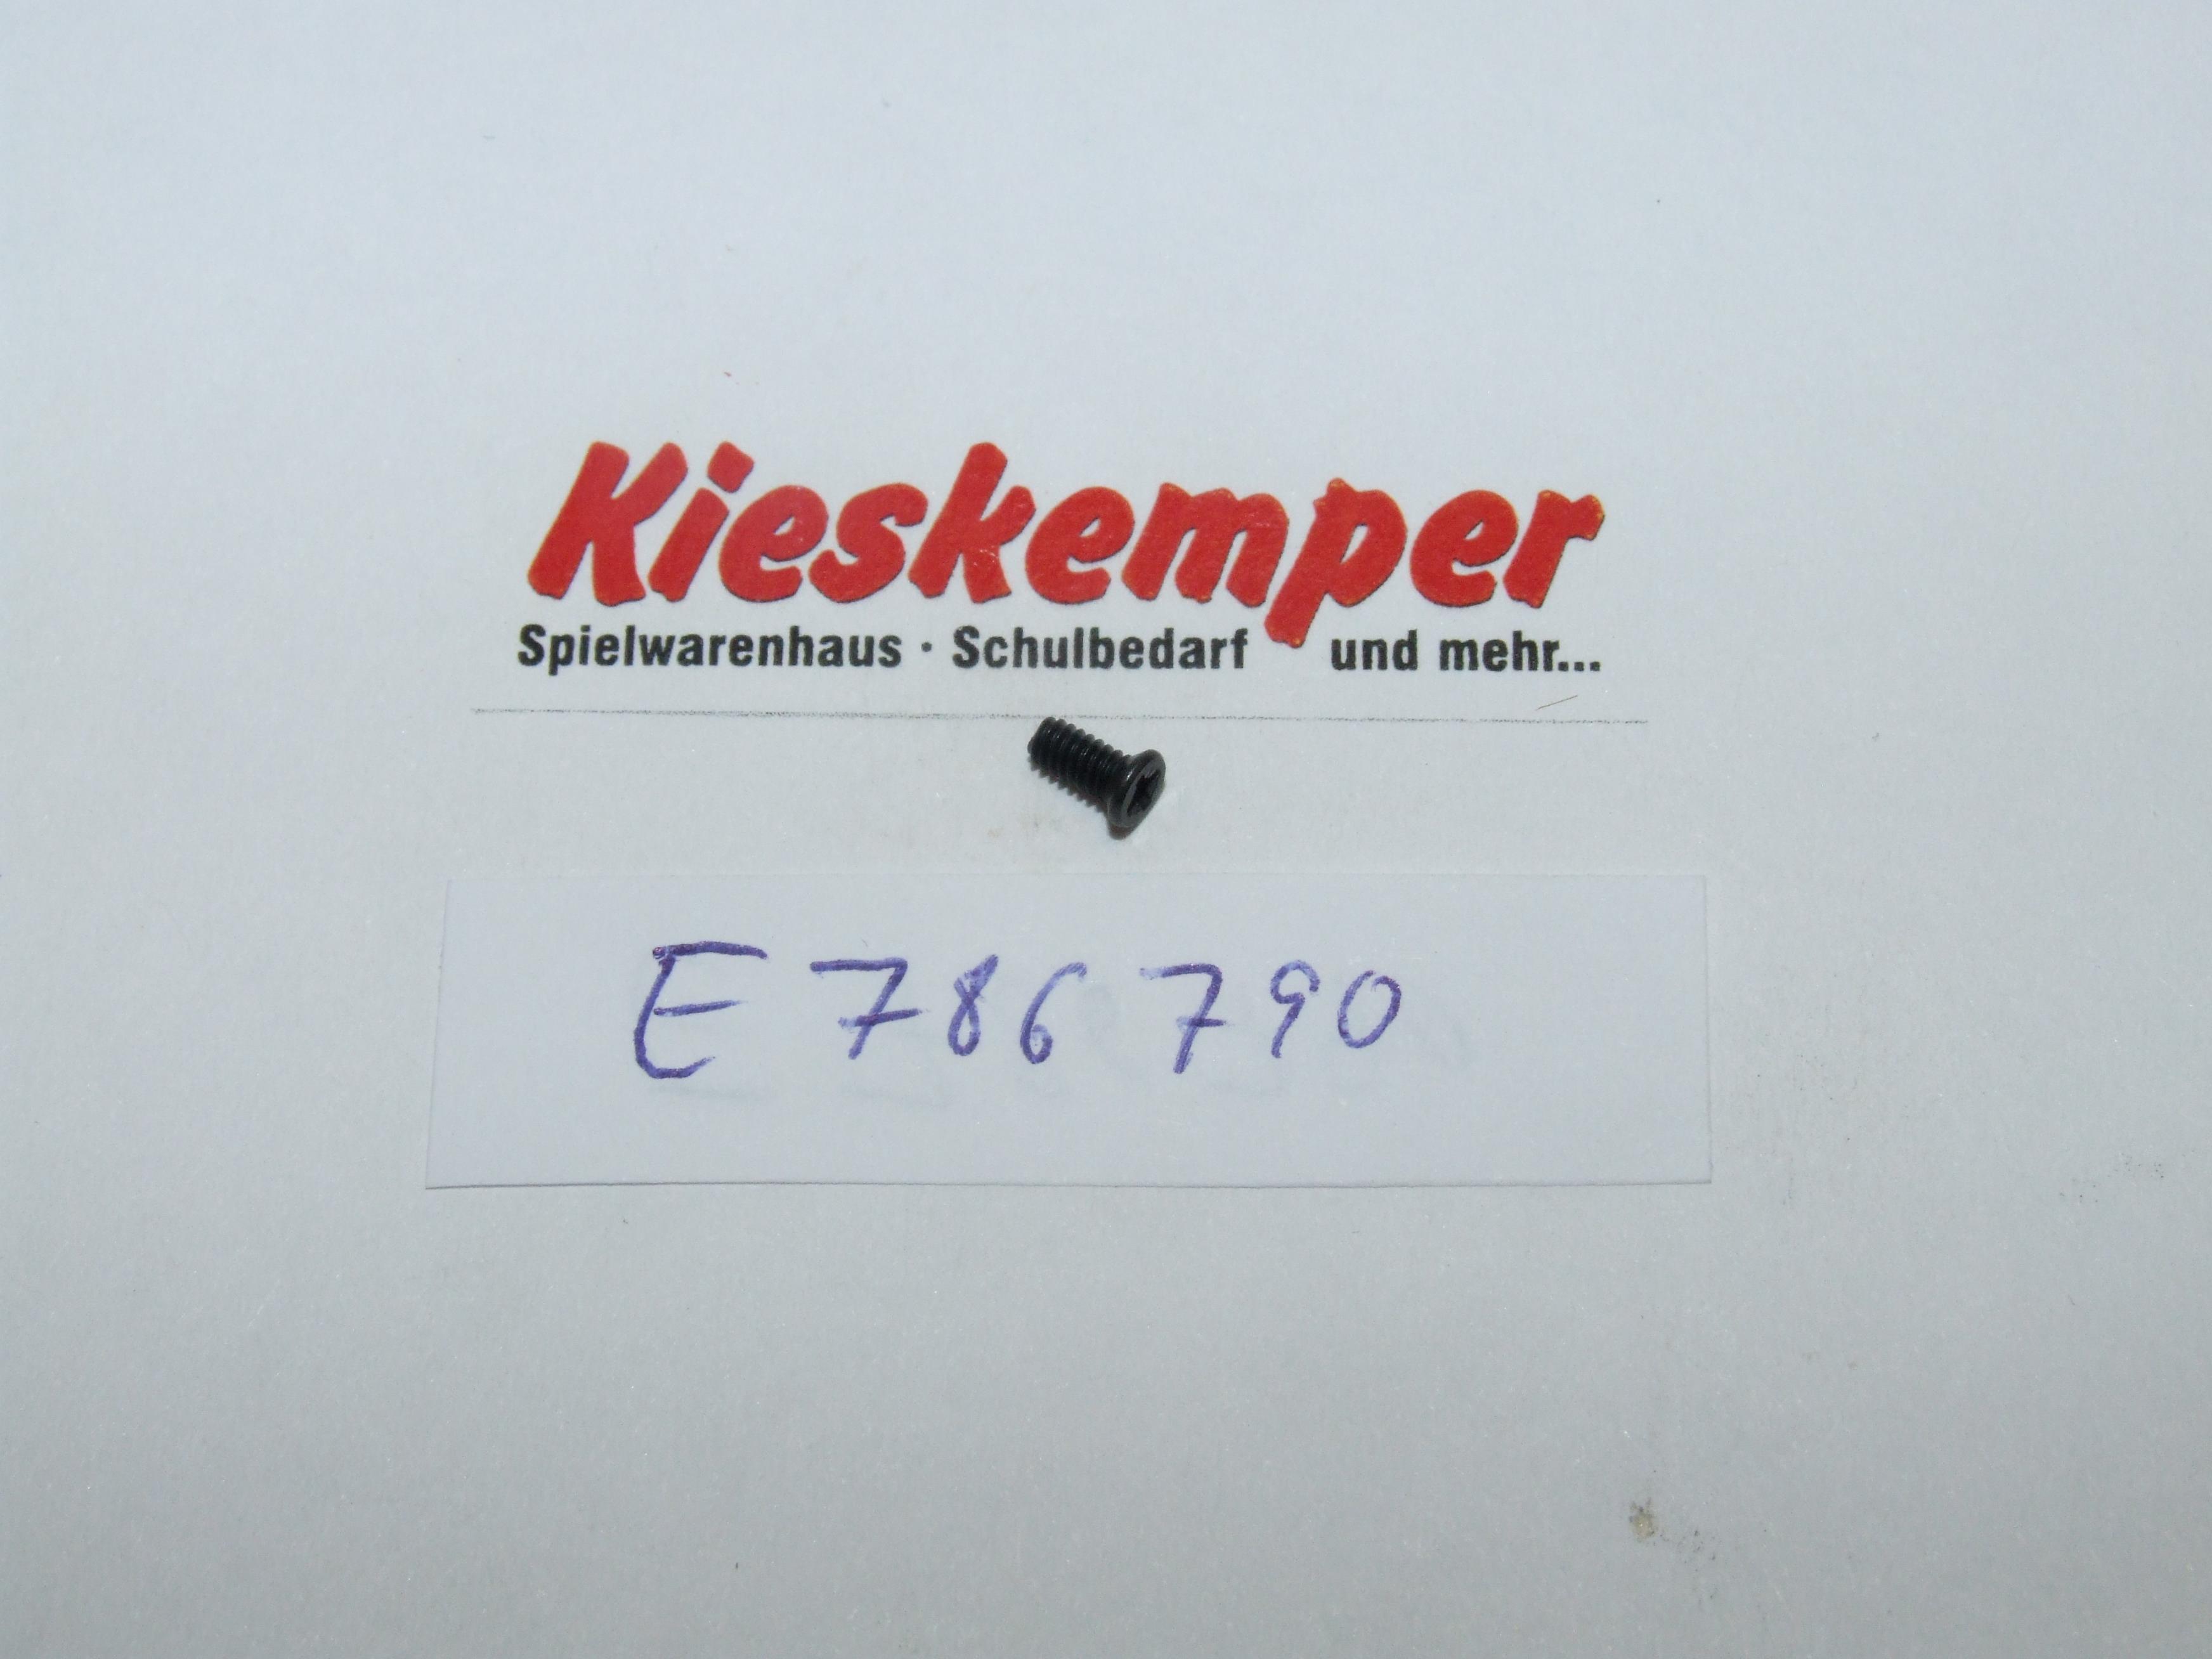 Märklin 786790 Senkschraube TAP 2X4,6